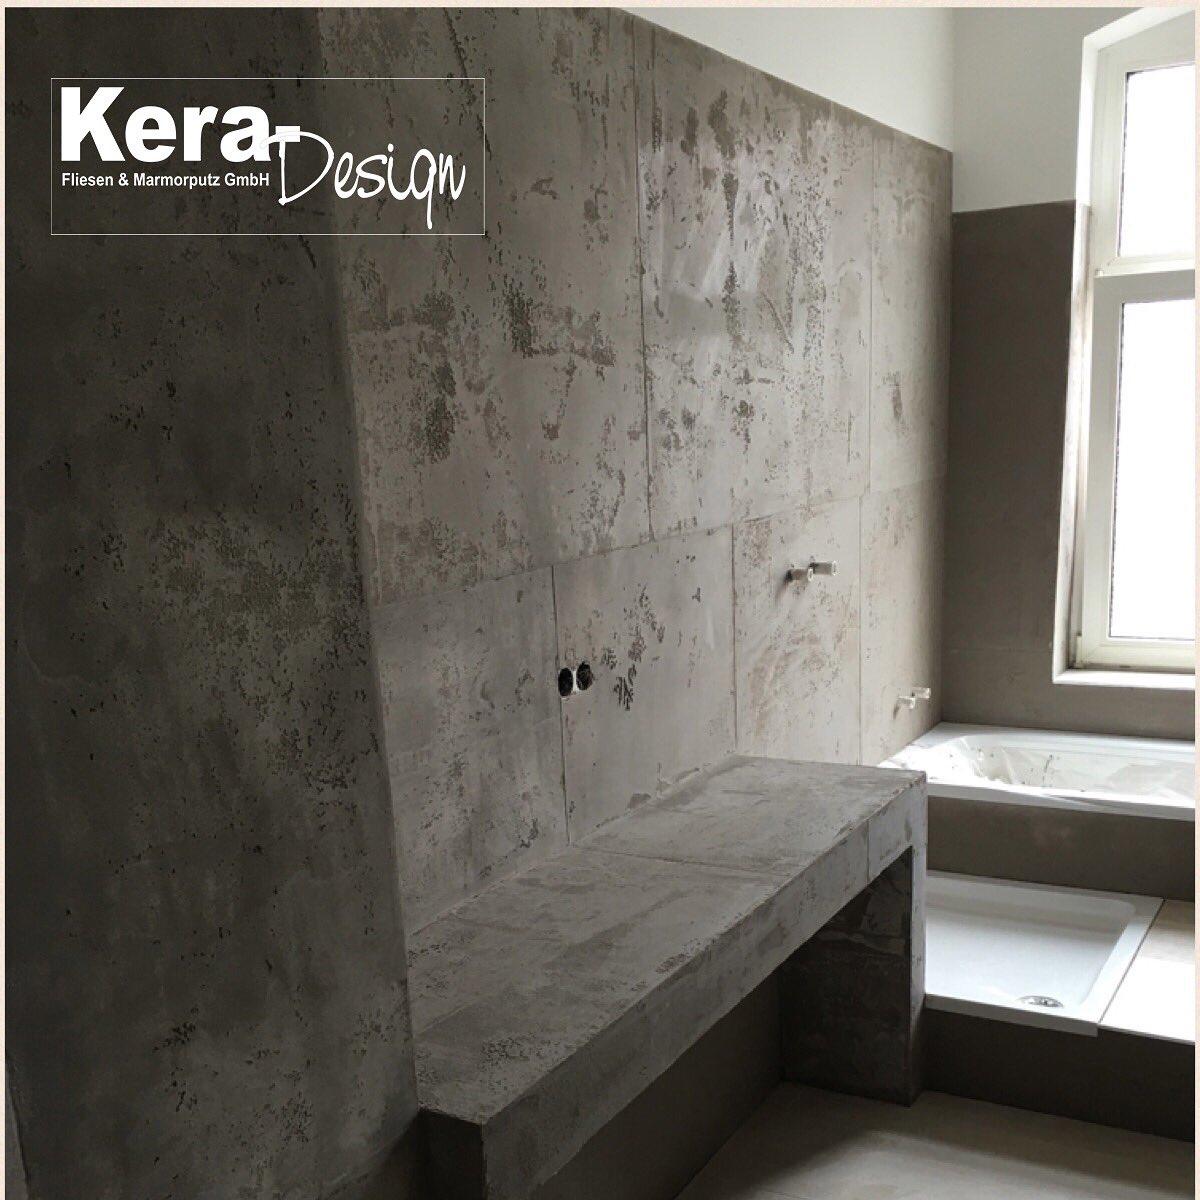 Kera-Design (@marco_bajerski) | Twitter